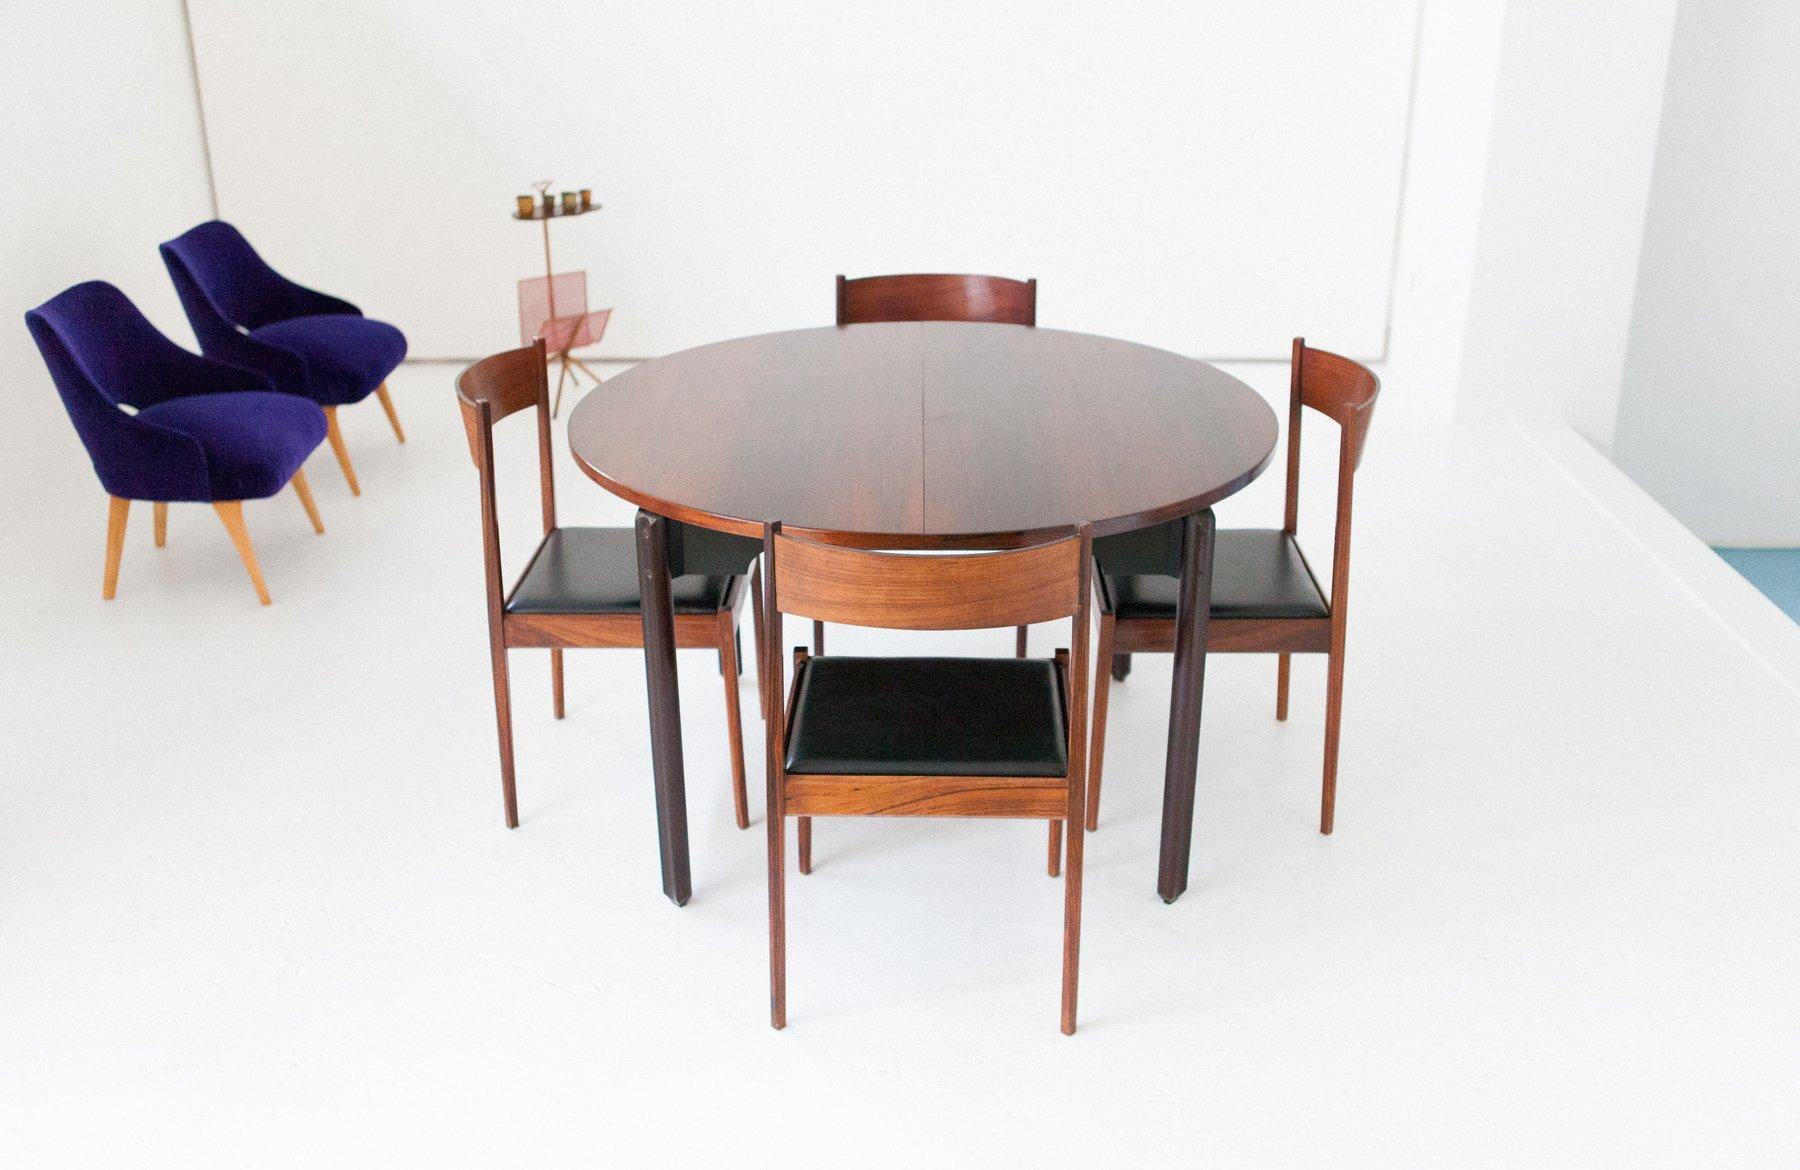 salle a manger 1960 - table de salle manger 4 chaises en palissandre de stildomus 1960s en vente sur pamono